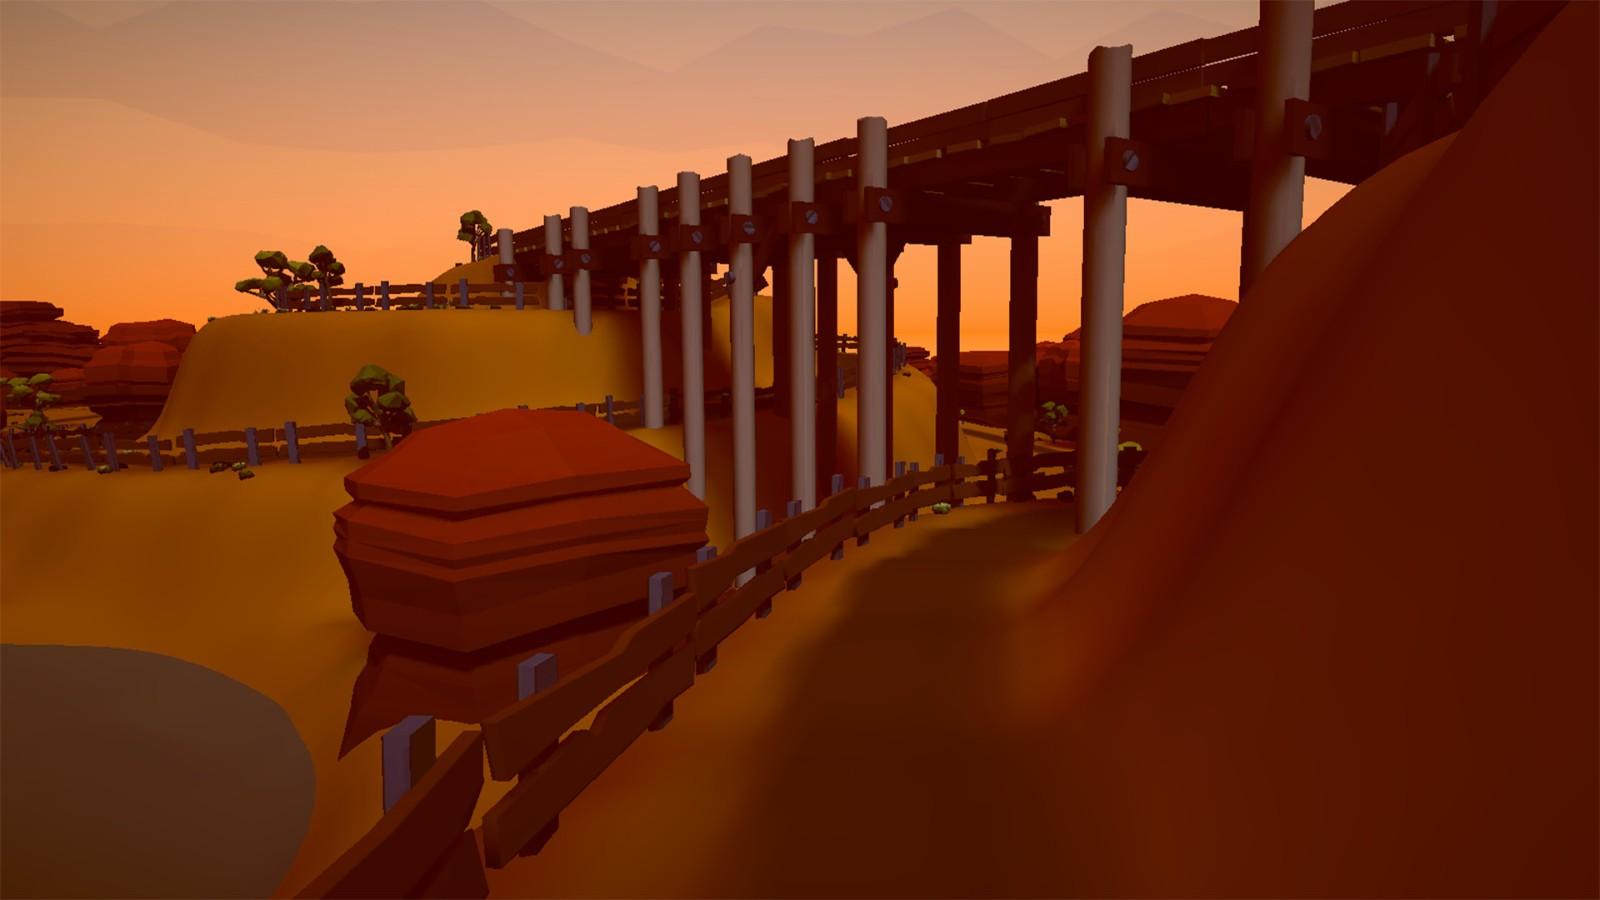 《森林大火:动物救援》在Steam展开免费抢先体验